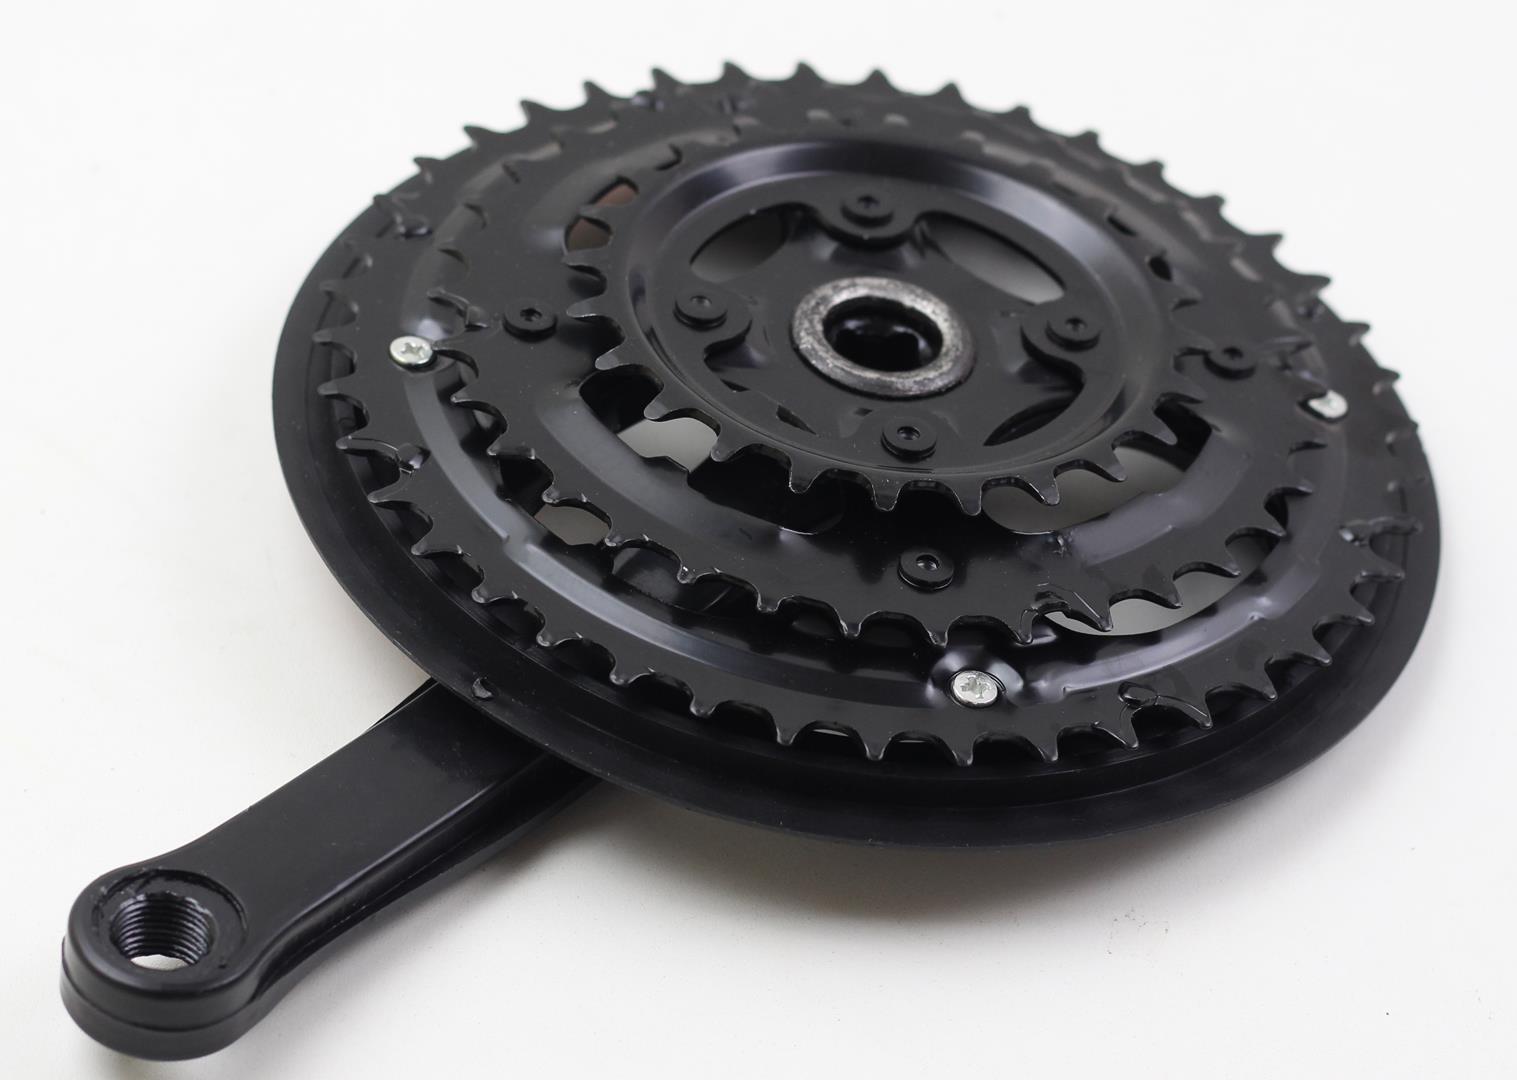 Pedivela Bicicleta Mountain-Bike GTS Element 42-32-24 dentes 170mm para 6-7-8 velocidades com Movimento